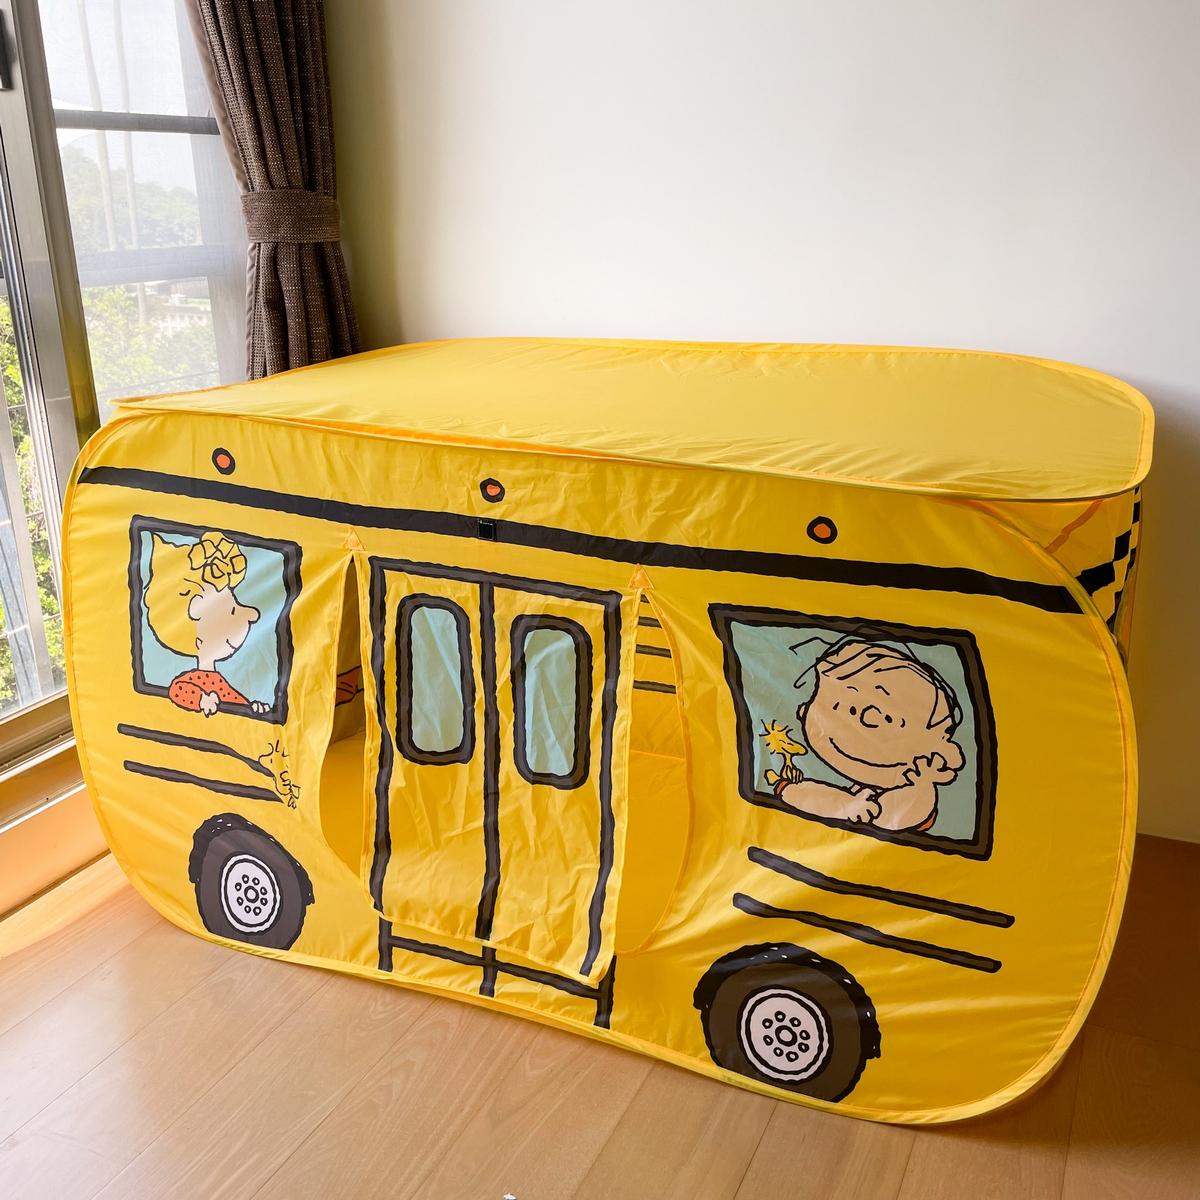 7-11推出27款SNOOPY居家小物集點  在家生活儀式感大加分!